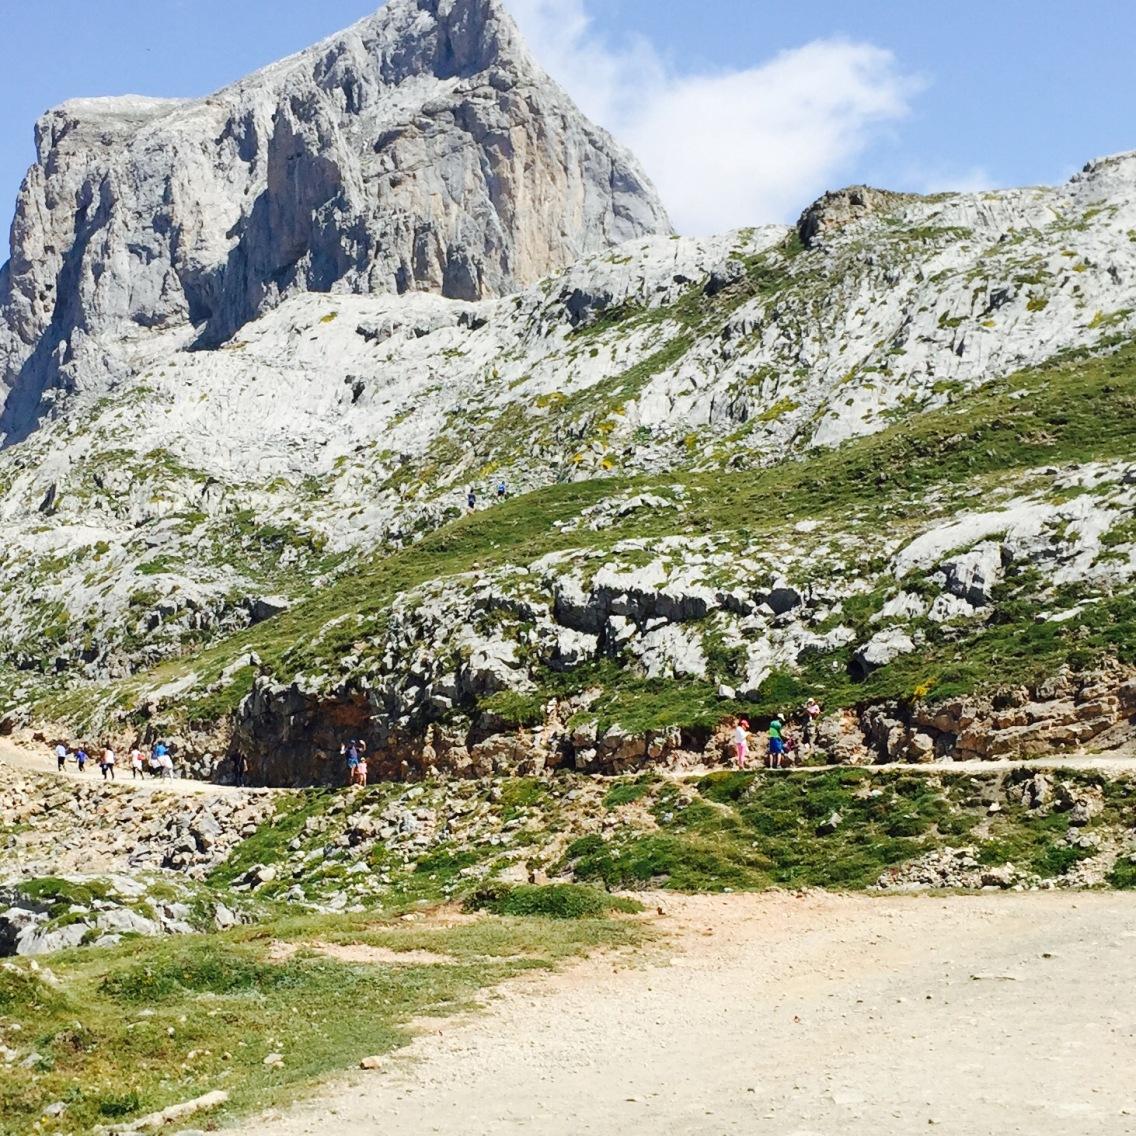 The rugged Picos de Europa